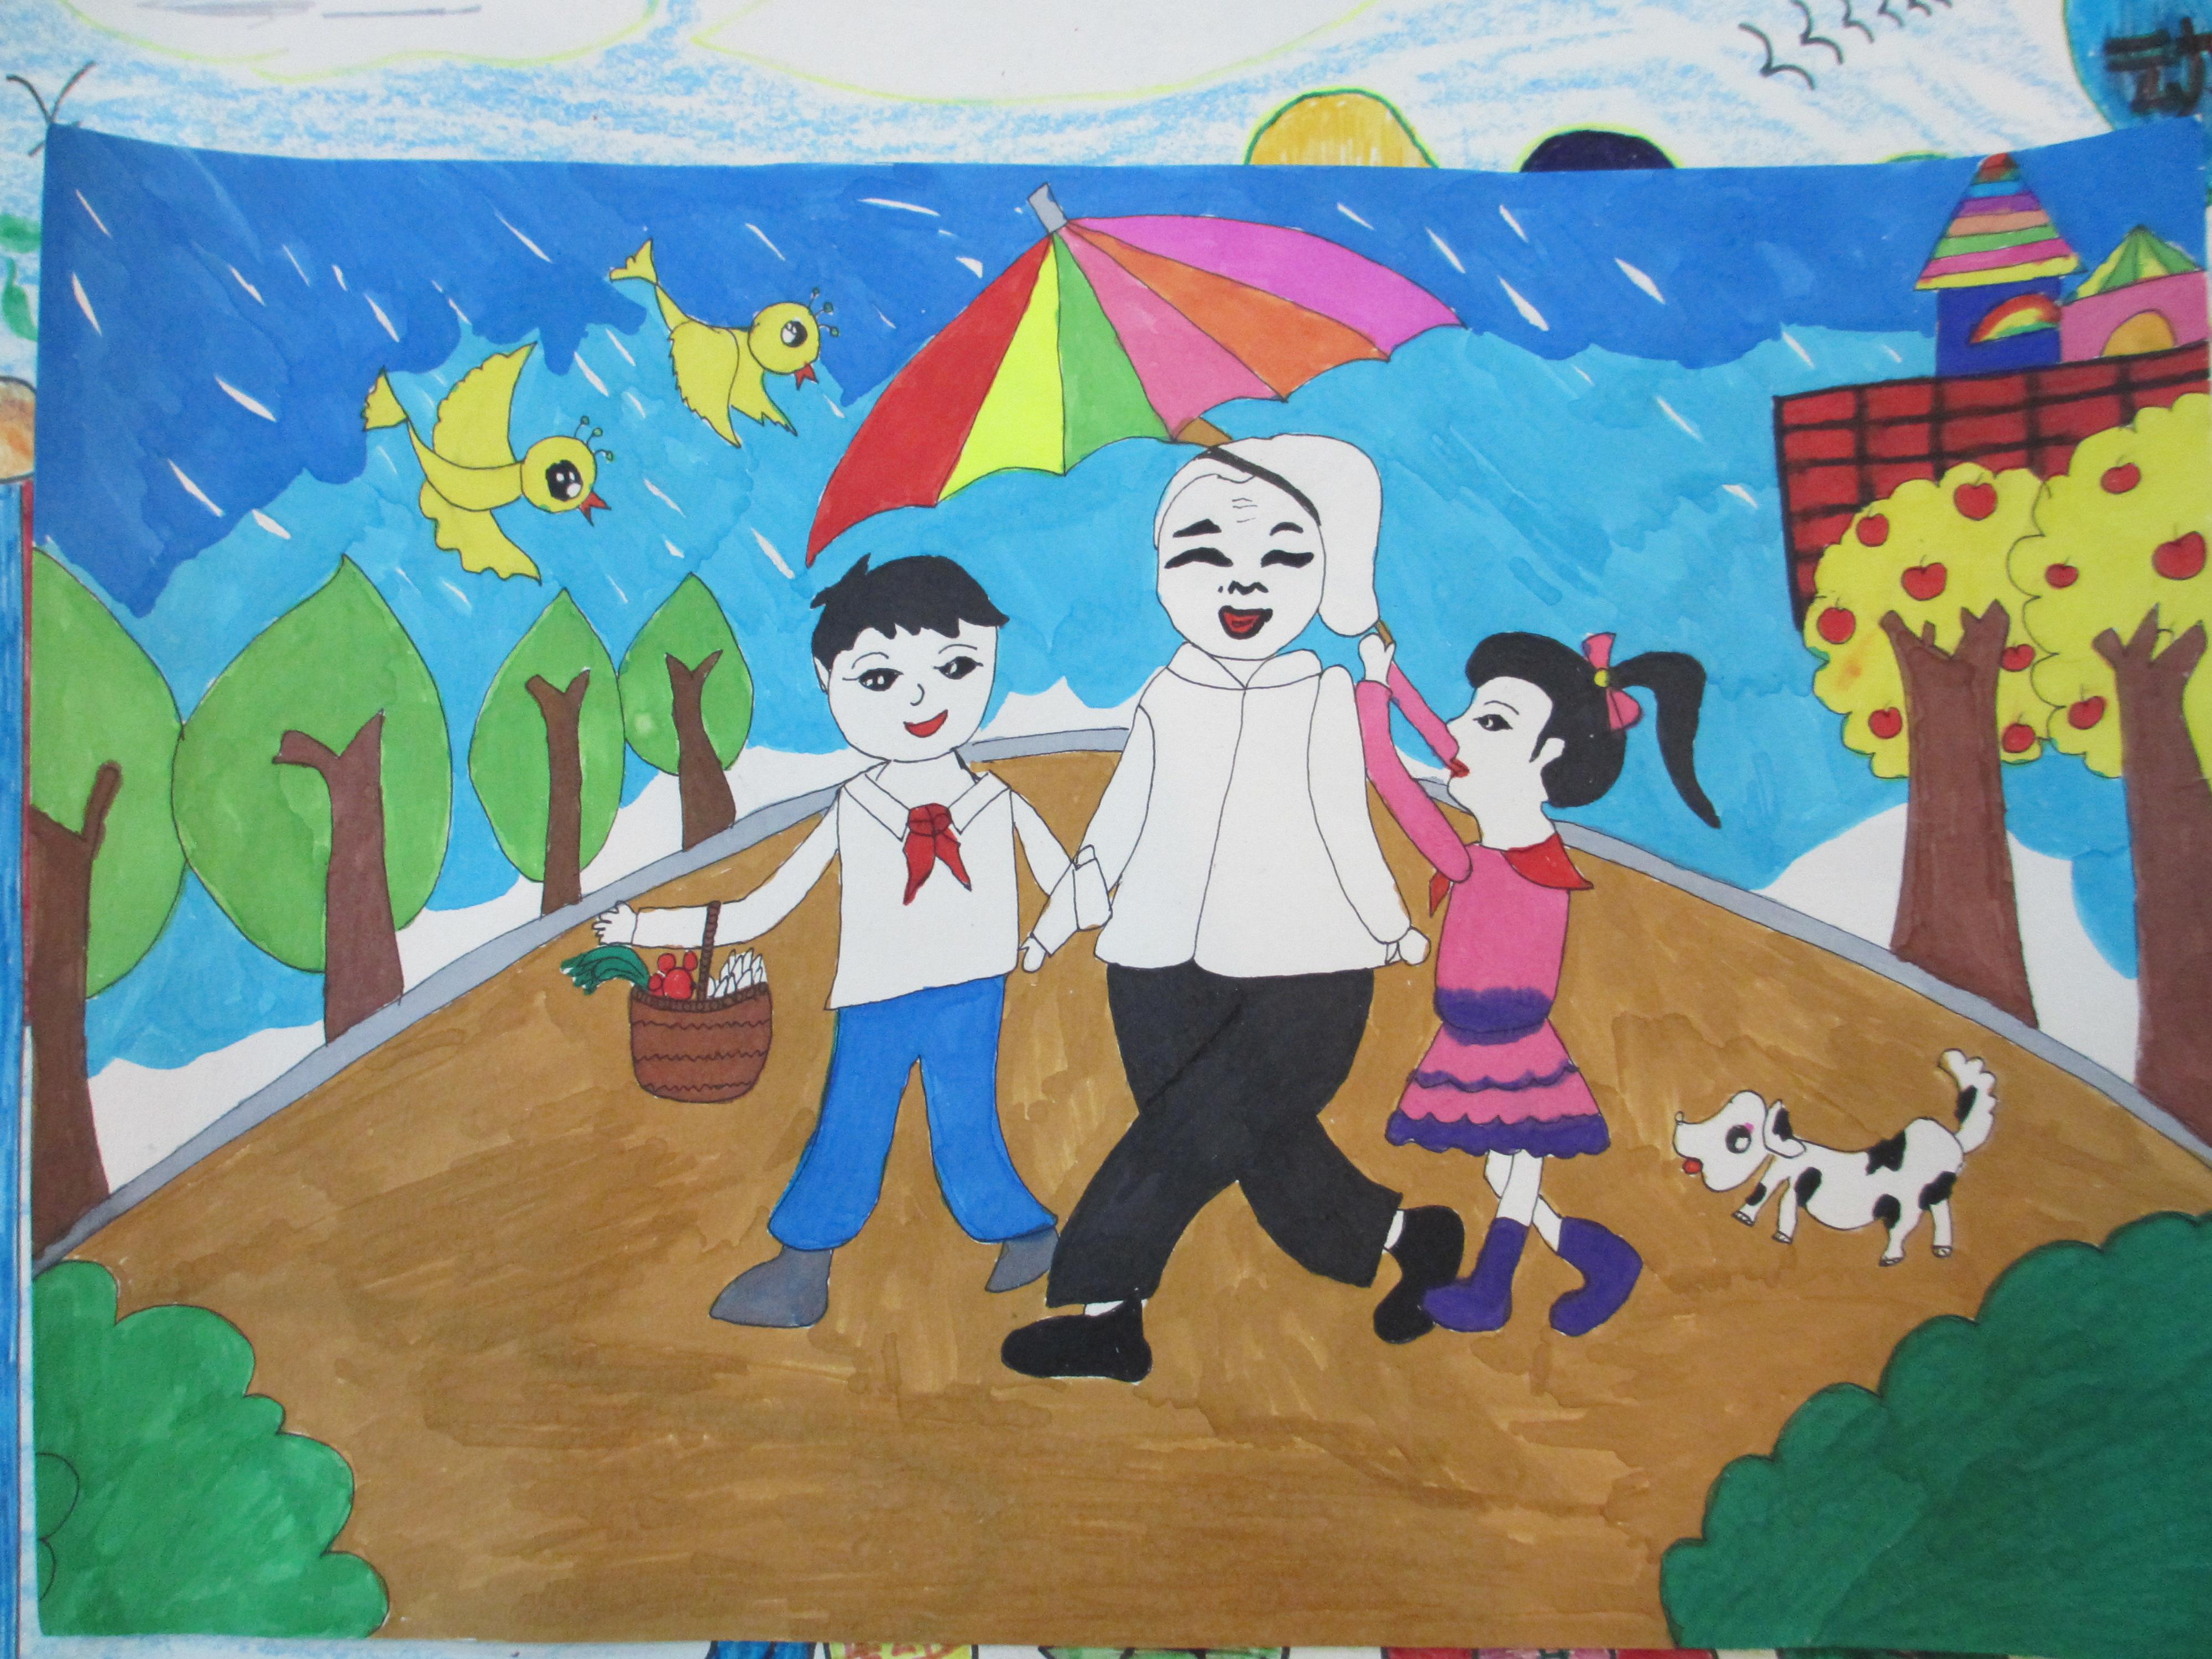 尉犁县第八全国举办红领巾在竞赛绘画、小学2014数学书信初中行动图片